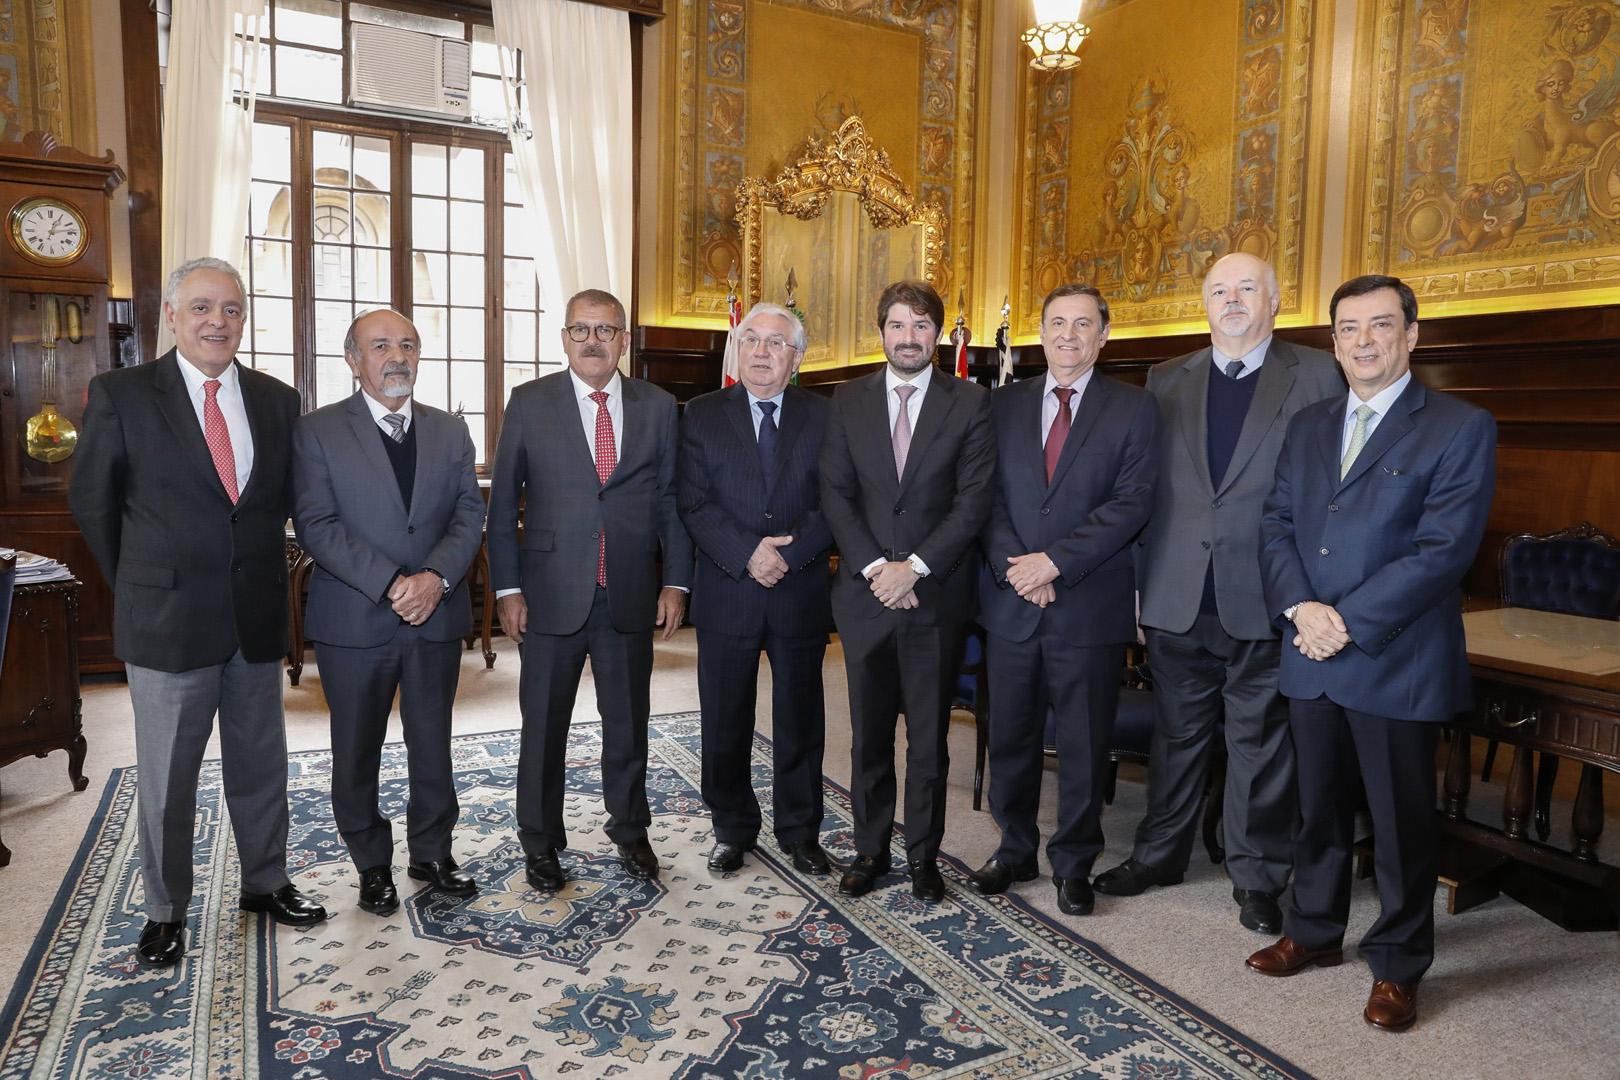 Ministro Humberto Martins é recebido no TJSP